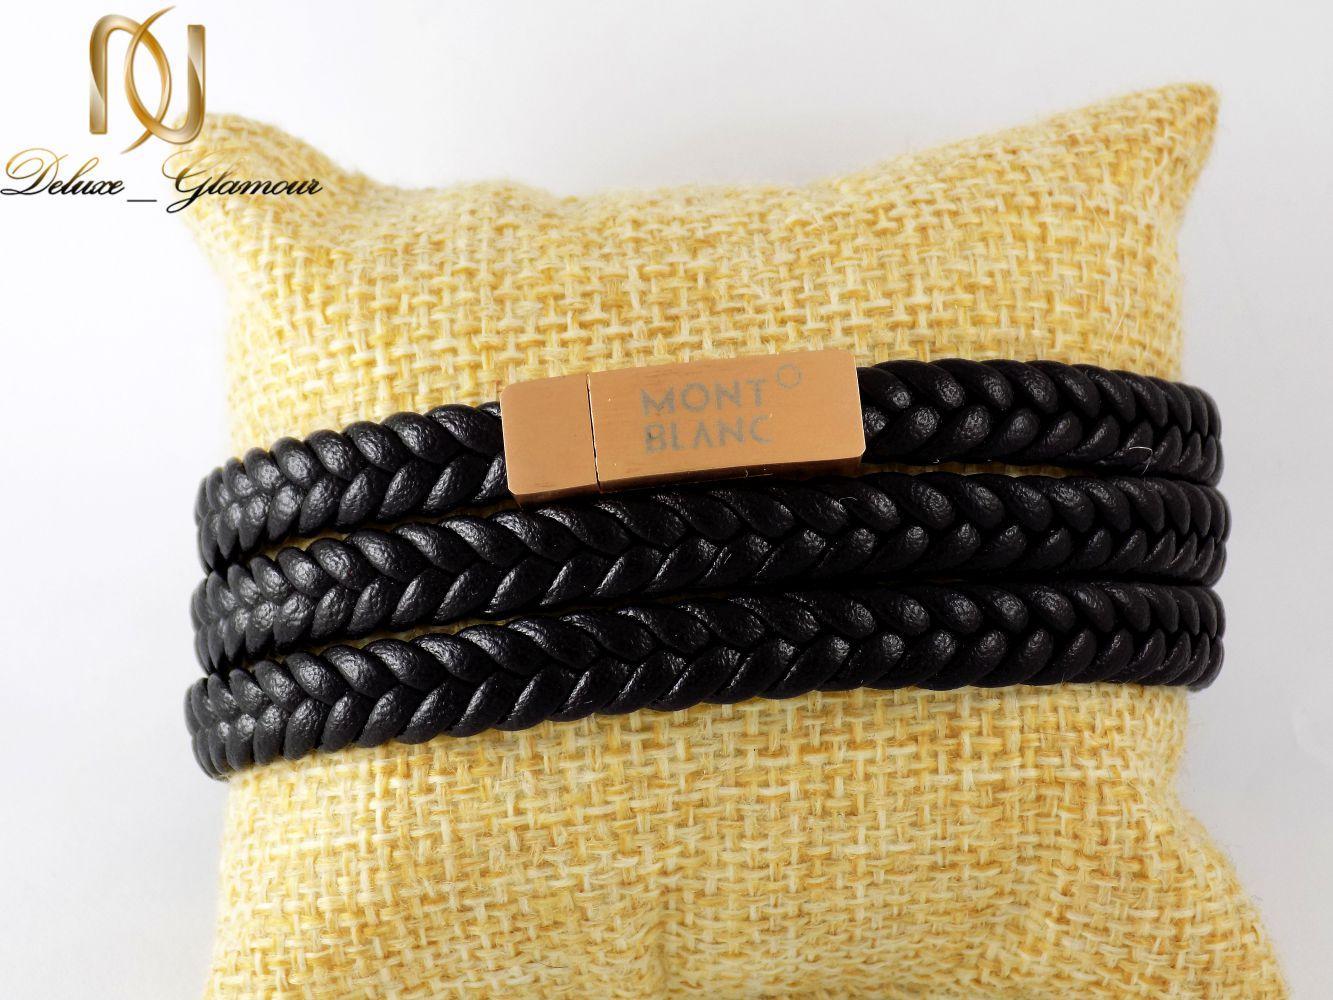 دستبند مردانه چرمی سه لاینه طرح مونت بلانک با رویه رزگلد ds-n199 از نمای روبرو